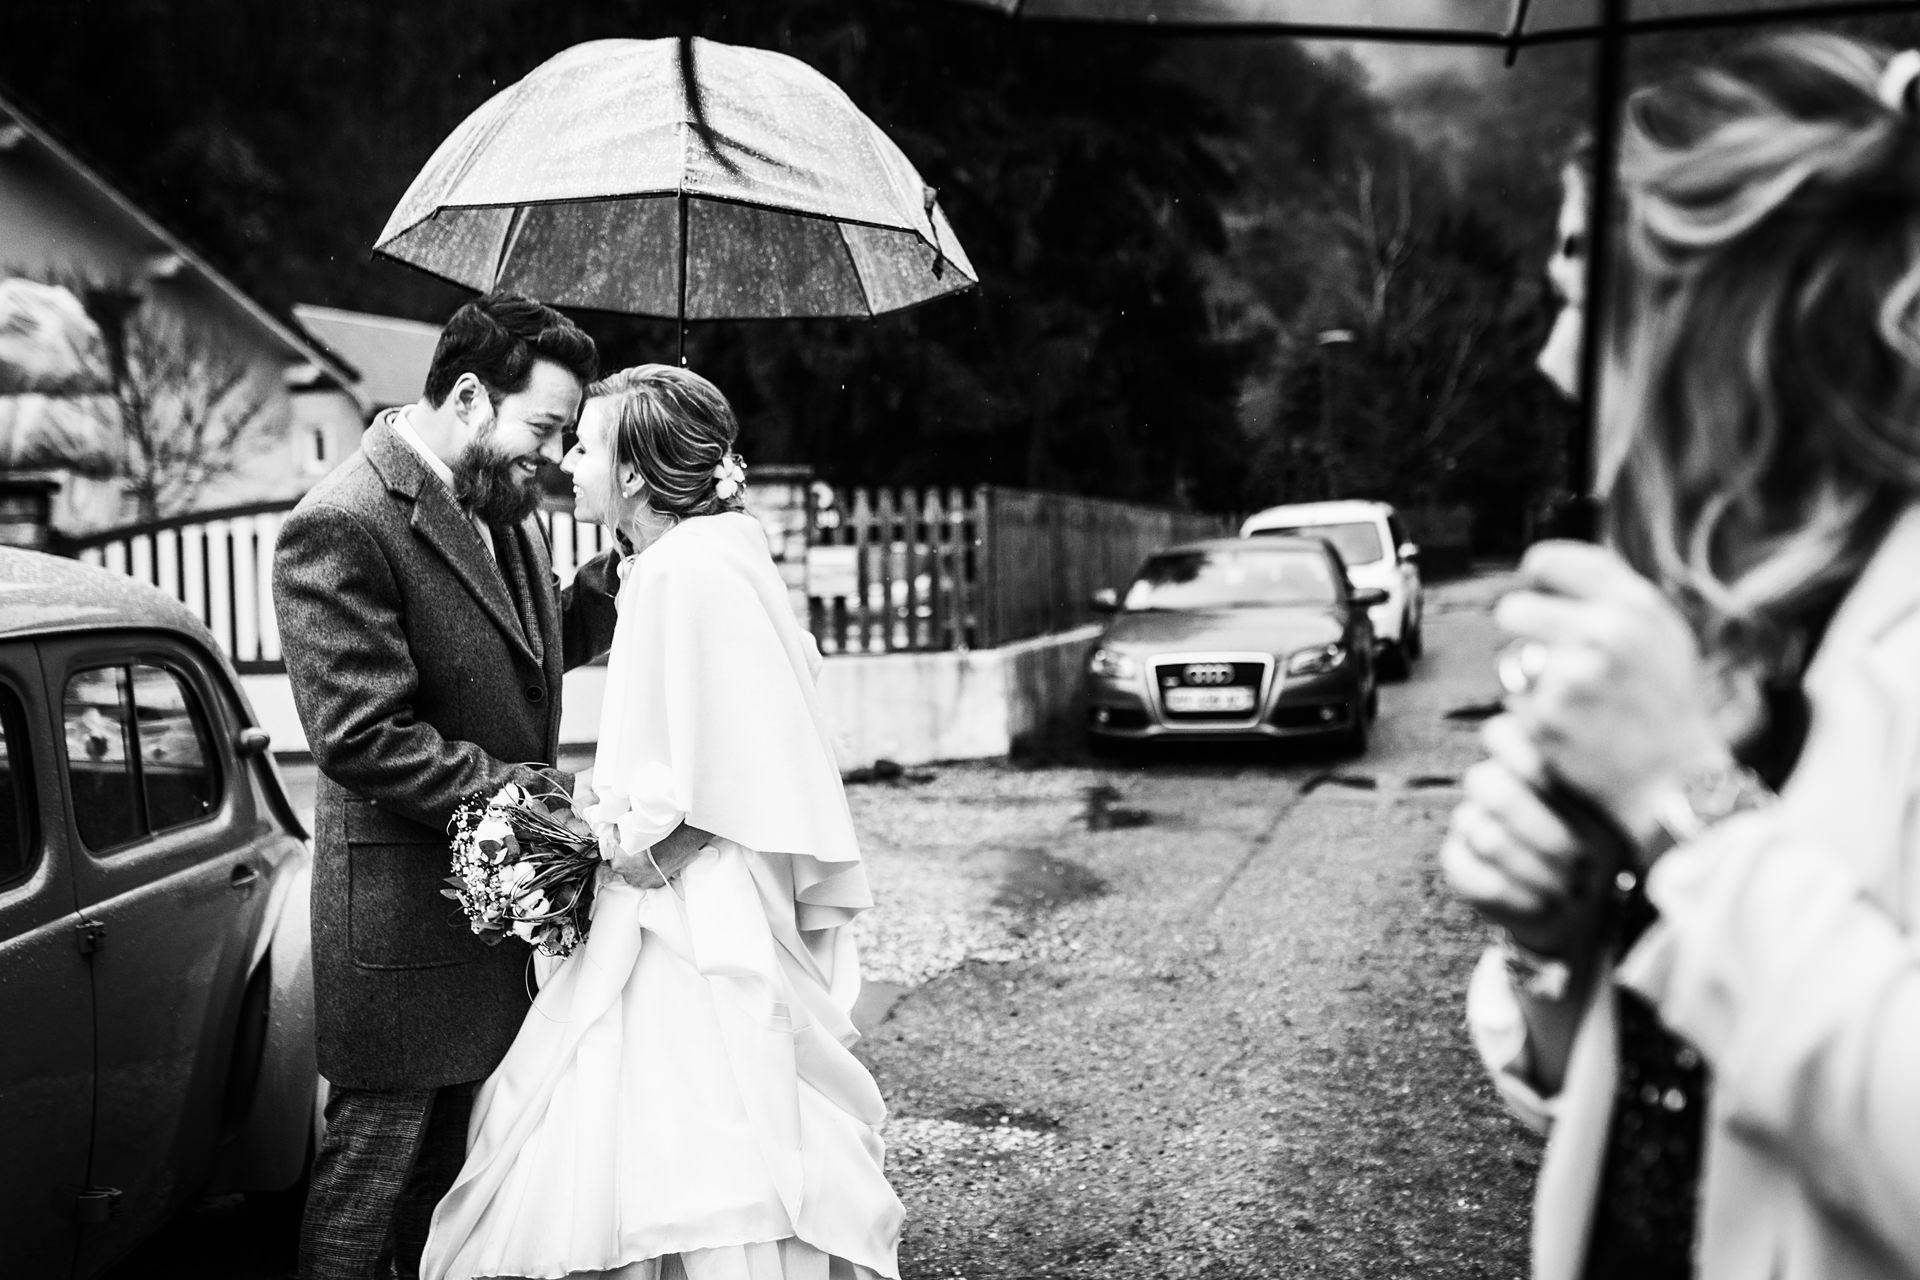 Mariage sous la pluie- Matthieu Chandelier photographe Chambéry Annecy